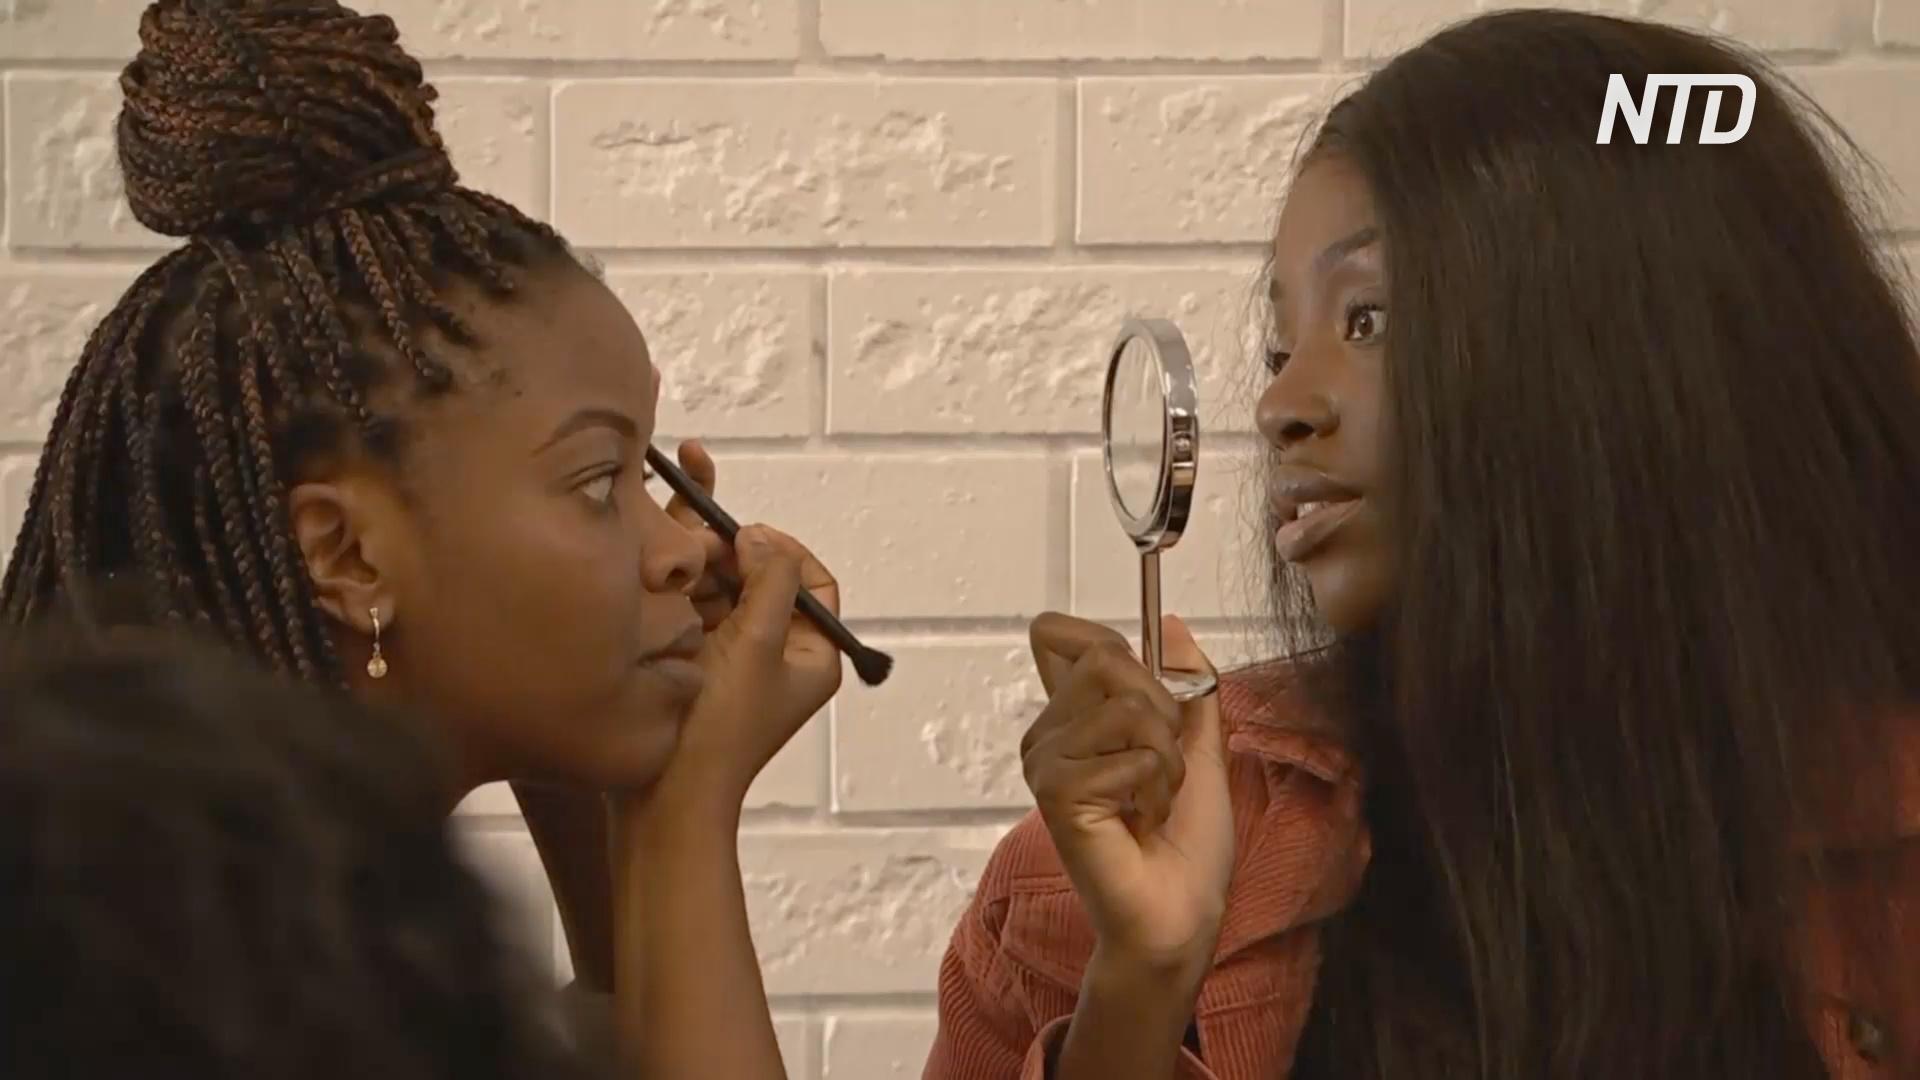 Австралийский визажист призывает делать больше косметики для тёмной кожи